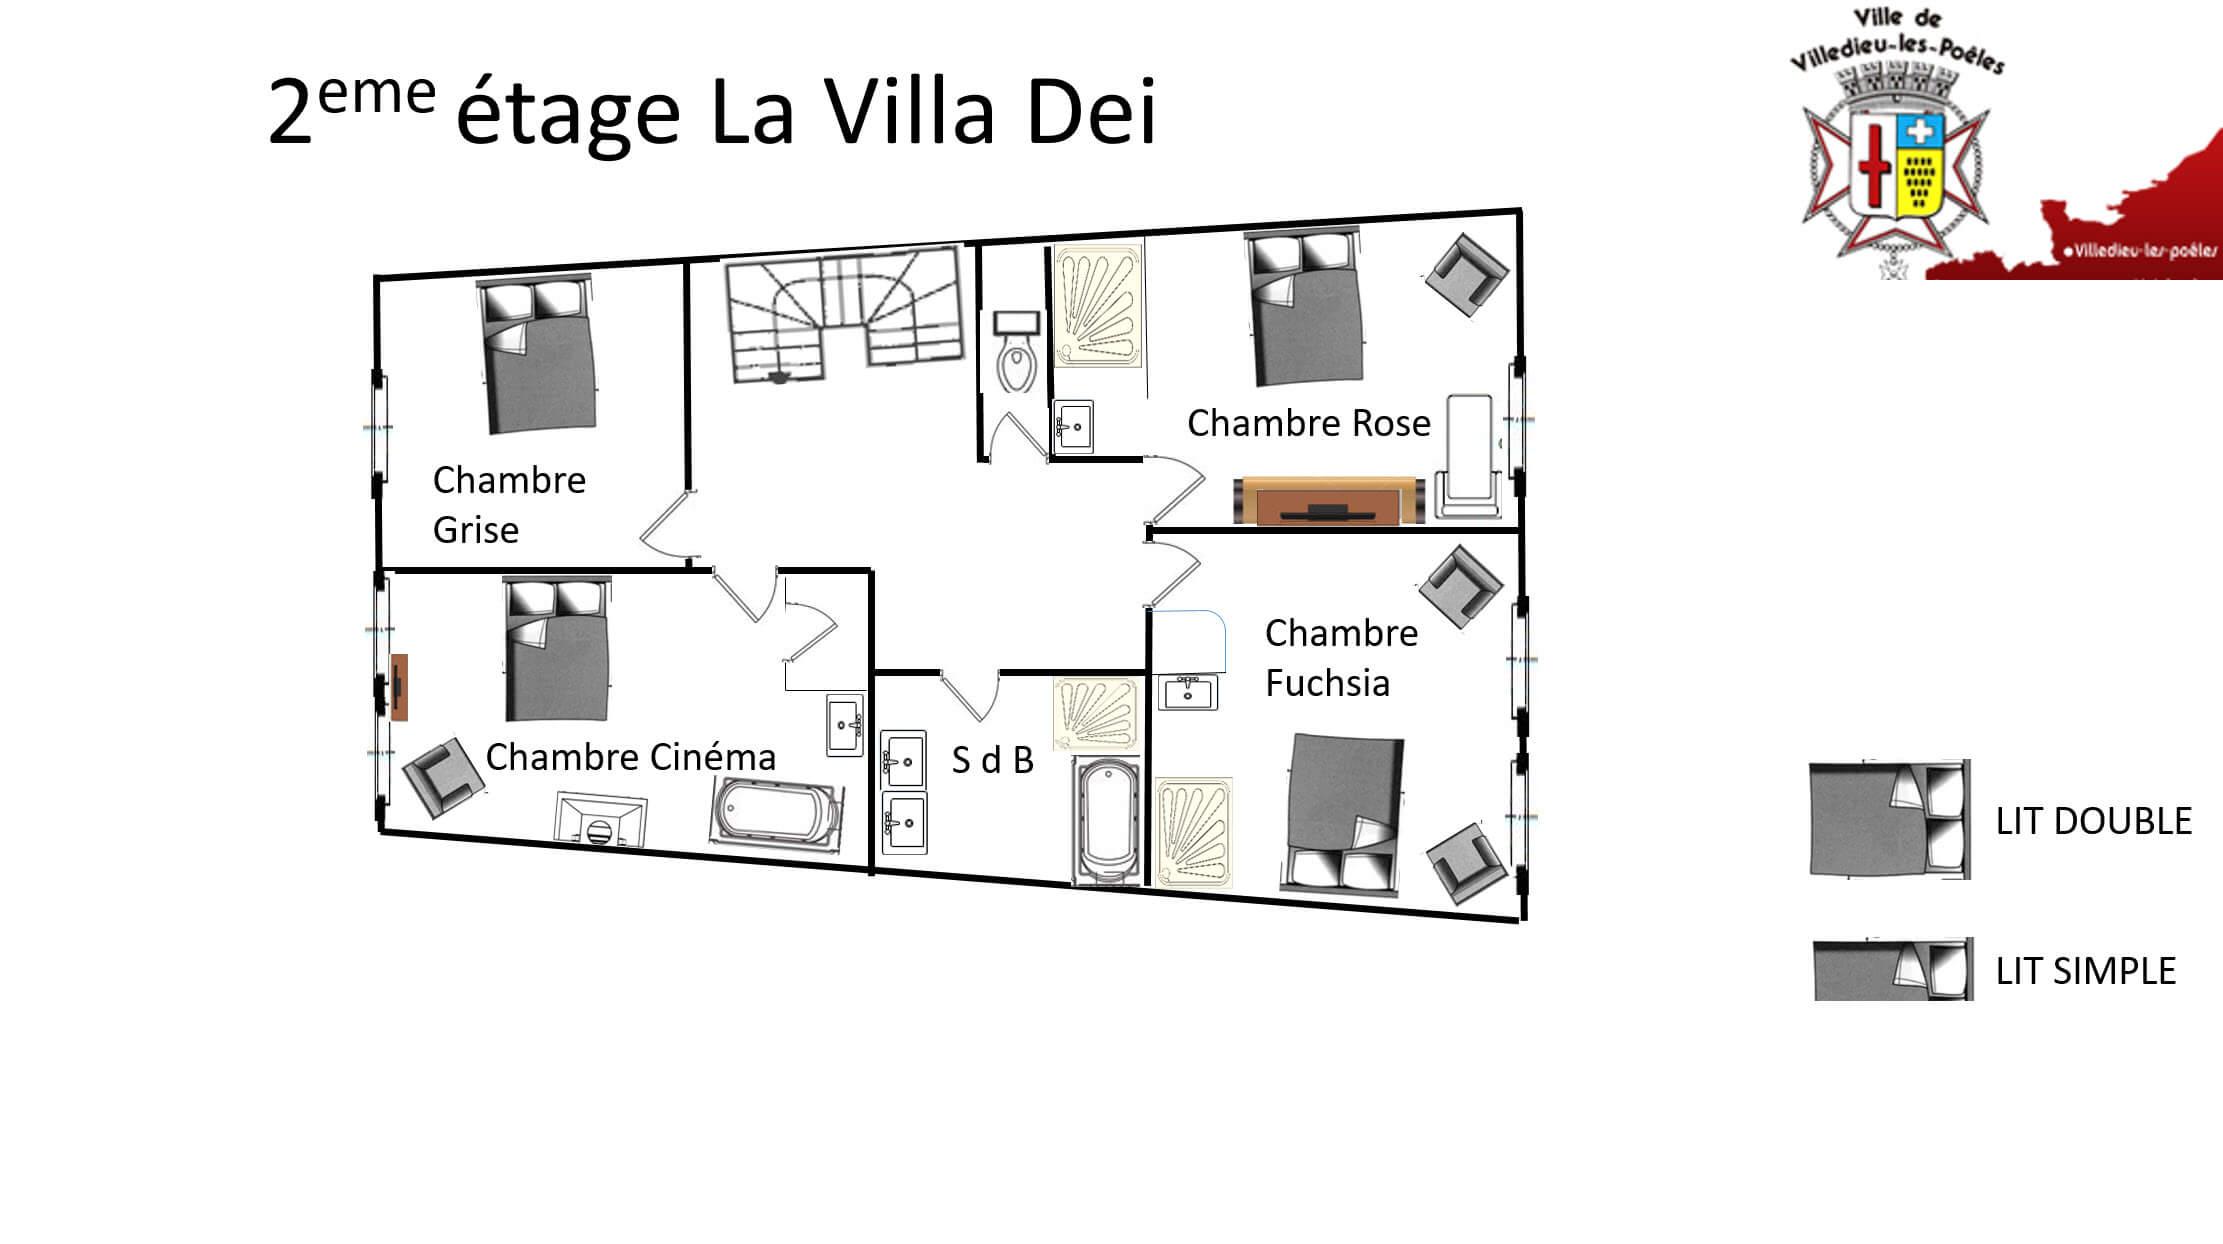 La Villa Dei 2eme - GÎTE LA VILLA DEI - Location de Gite La Clef Decamp - Laclefdecamp.fr